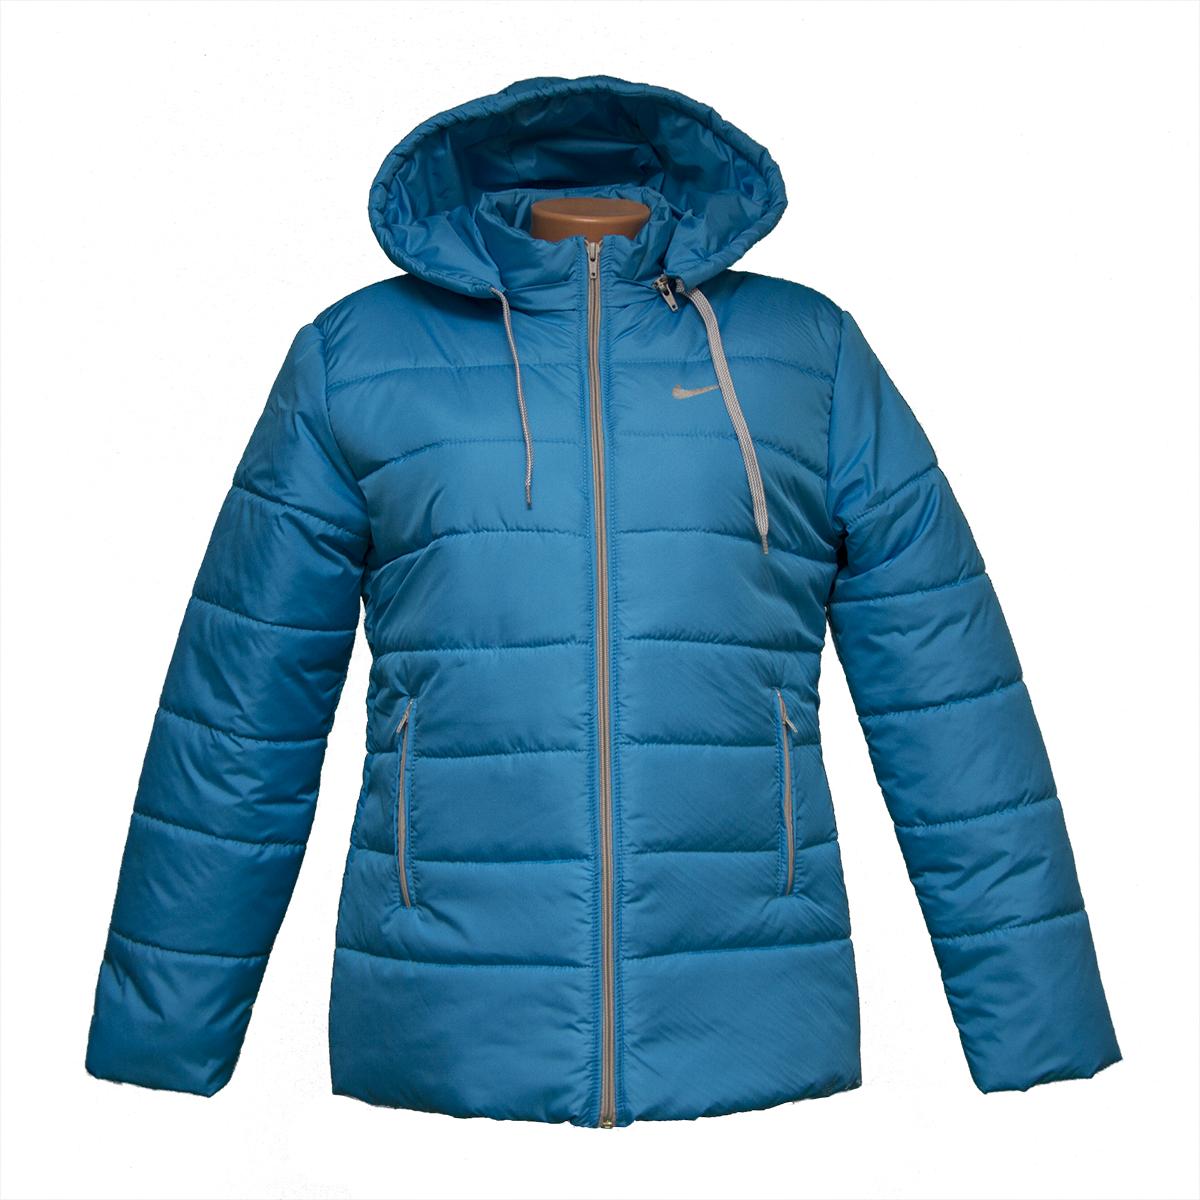 e23c1ce2b1cf Куртка женская синяя батал K227G оптом и в розницу, жилеты и ...